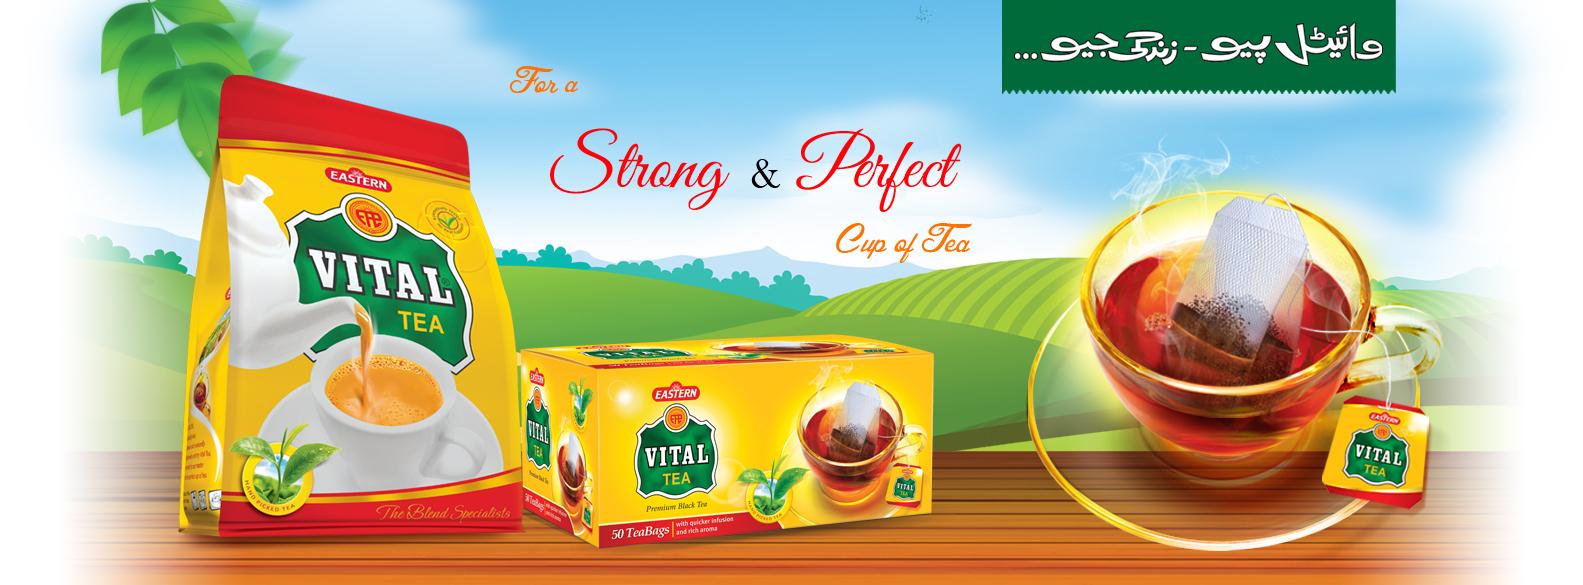 market share of tea brands in pakistan